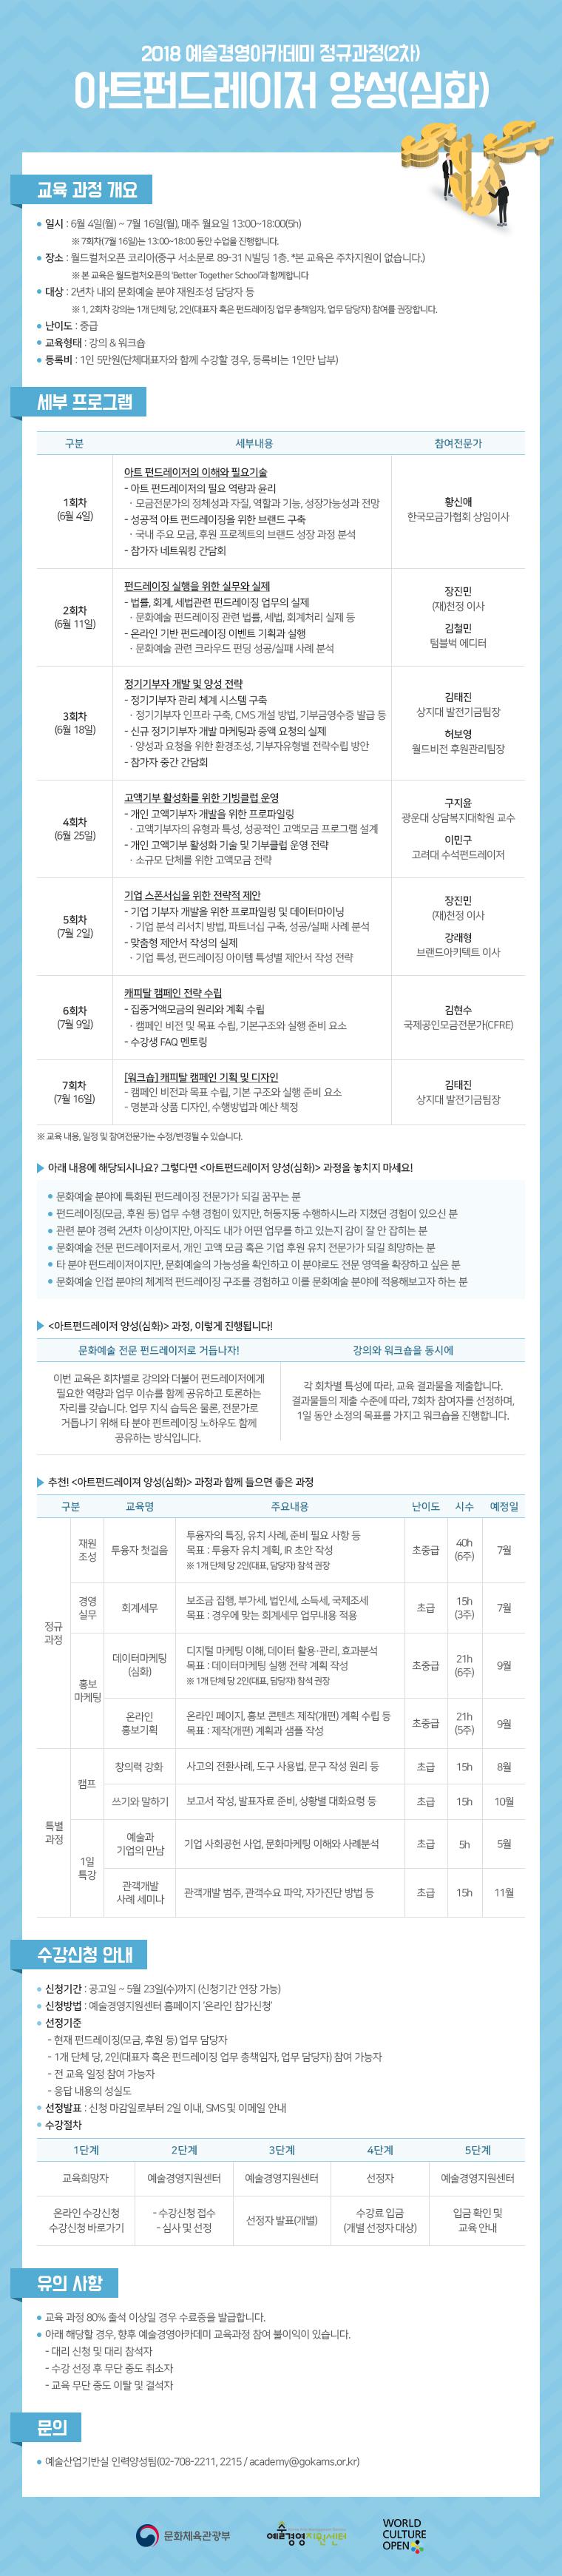 [2018 예술경영아카데미 정규과정 2차] 아트펀드레이저 양성(심화) 과정